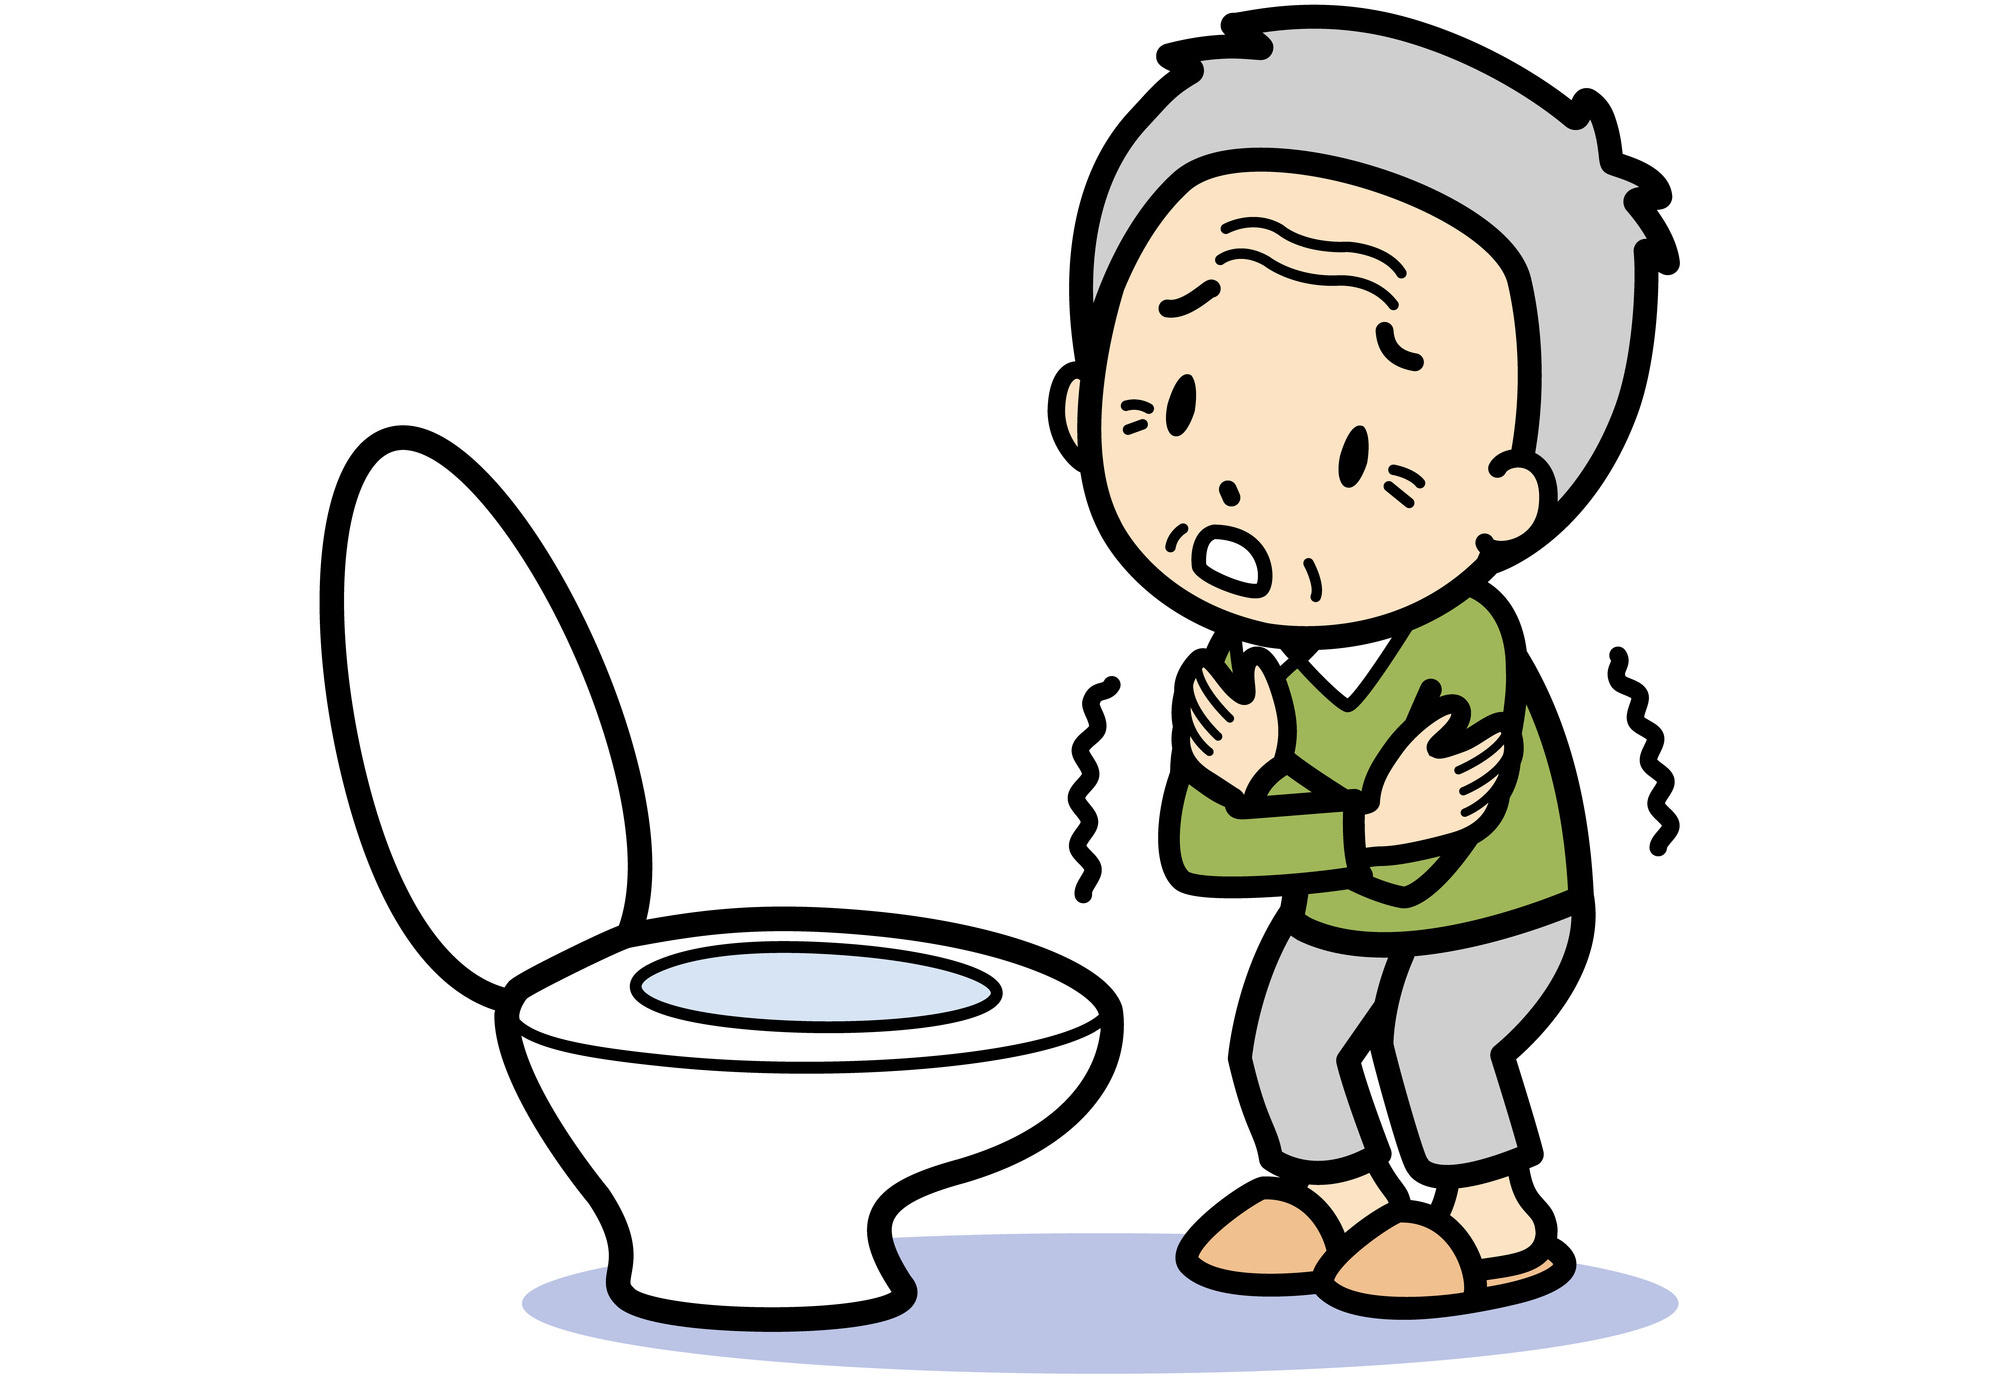 冬の寒さ・乾燥がご高齢者の身体に与える影響とその対策 | 介護の便利 ...